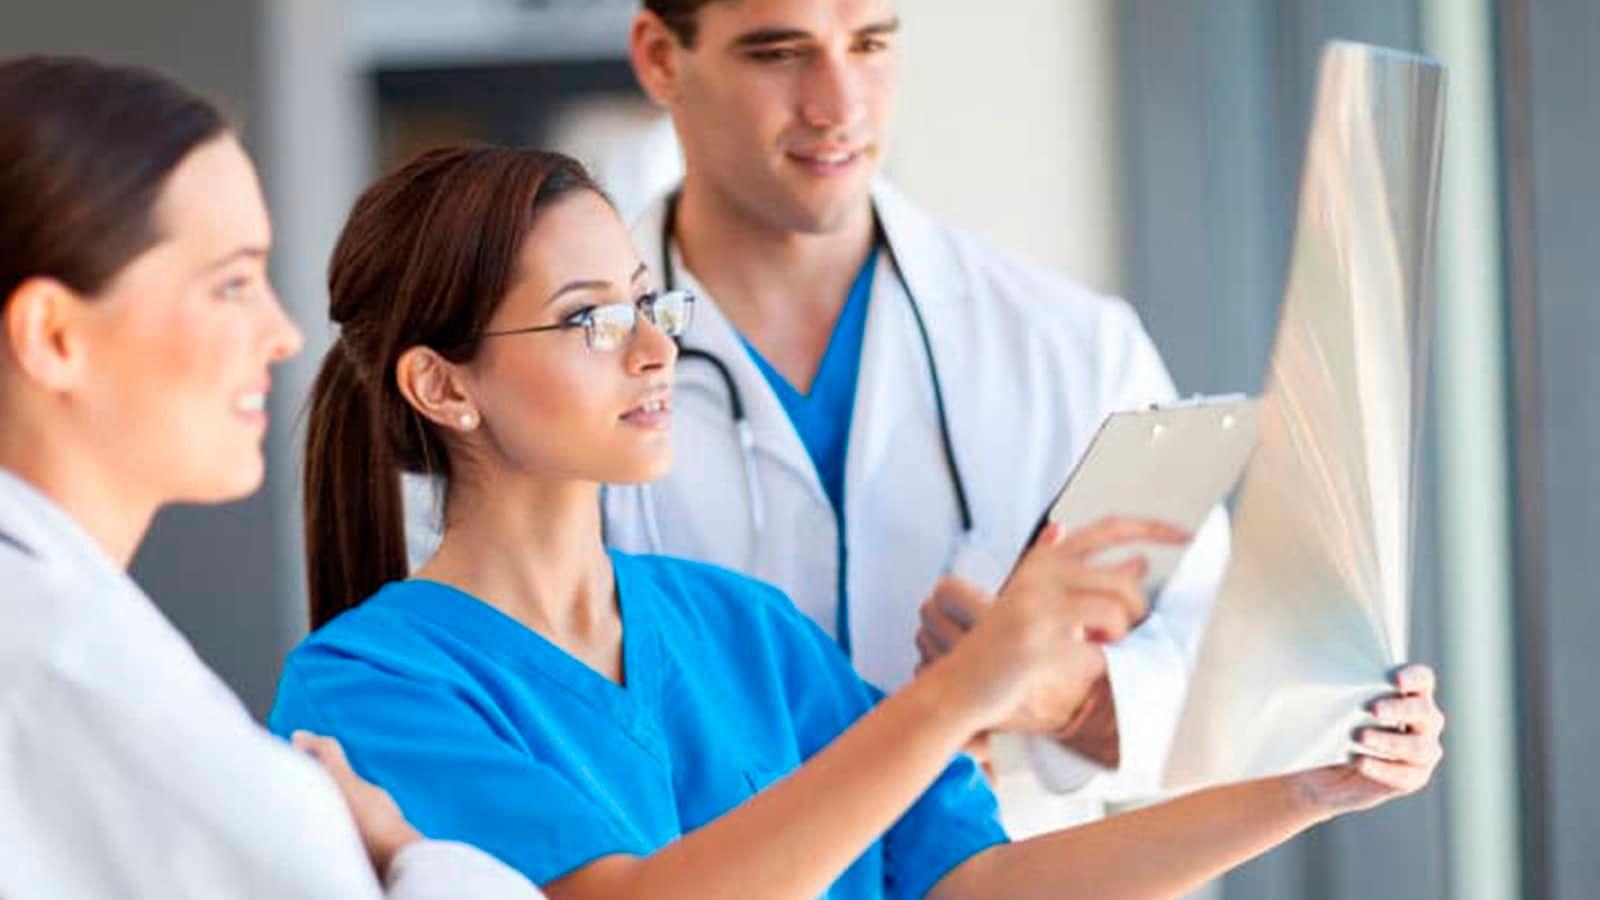 Sesiones clínicas: como prepararlas